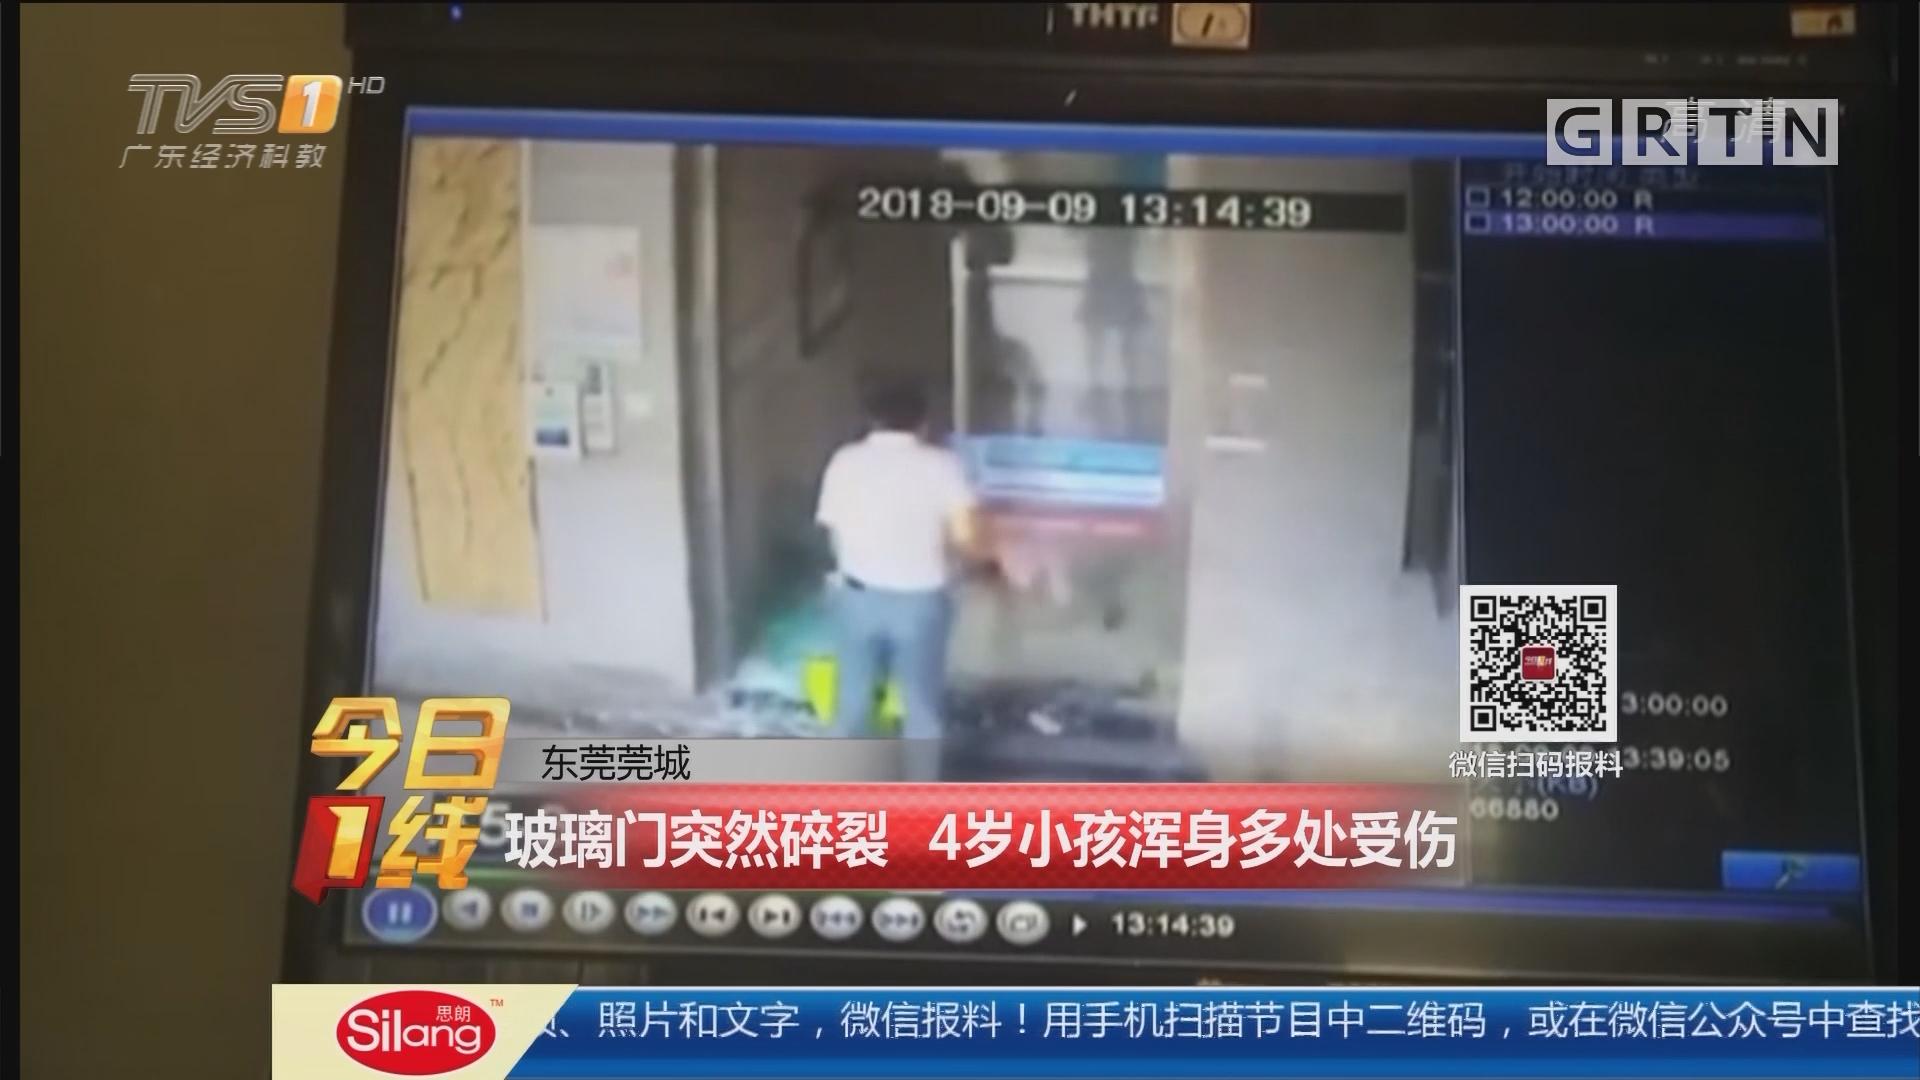 东莞莞城:玻璃门突然碎裂 4岁小孩浑身多处受伤